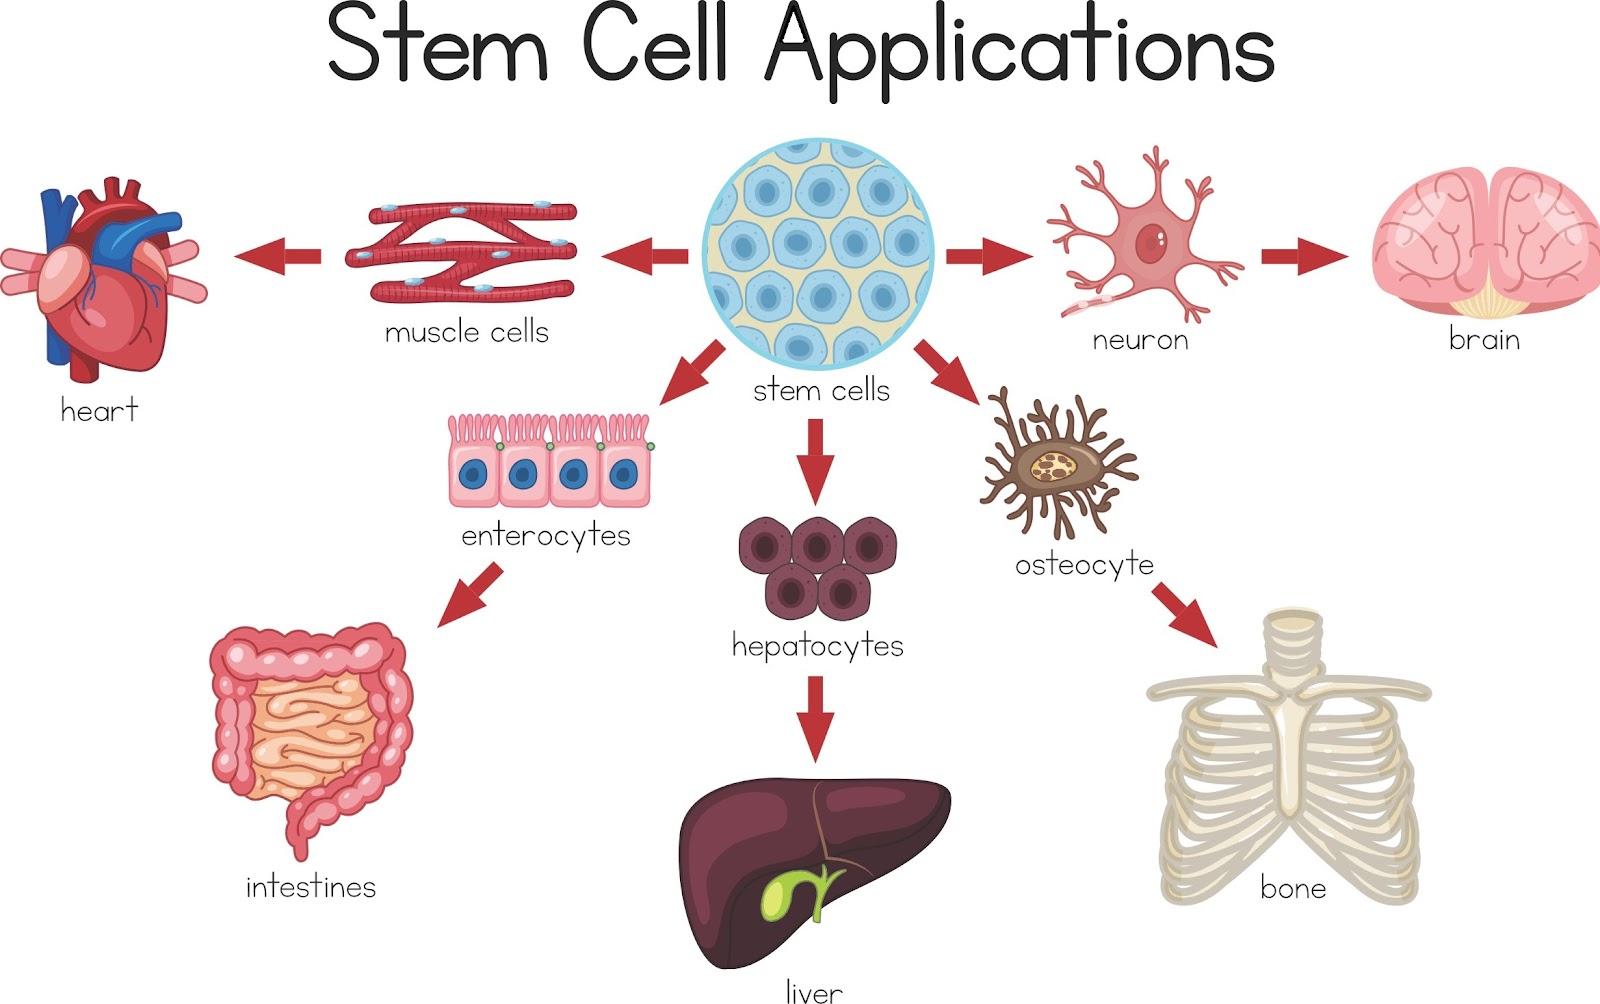 """Image 2: <img scr=""""Image 2.jpg"""" alt=""""Application of stem cells"""">"""